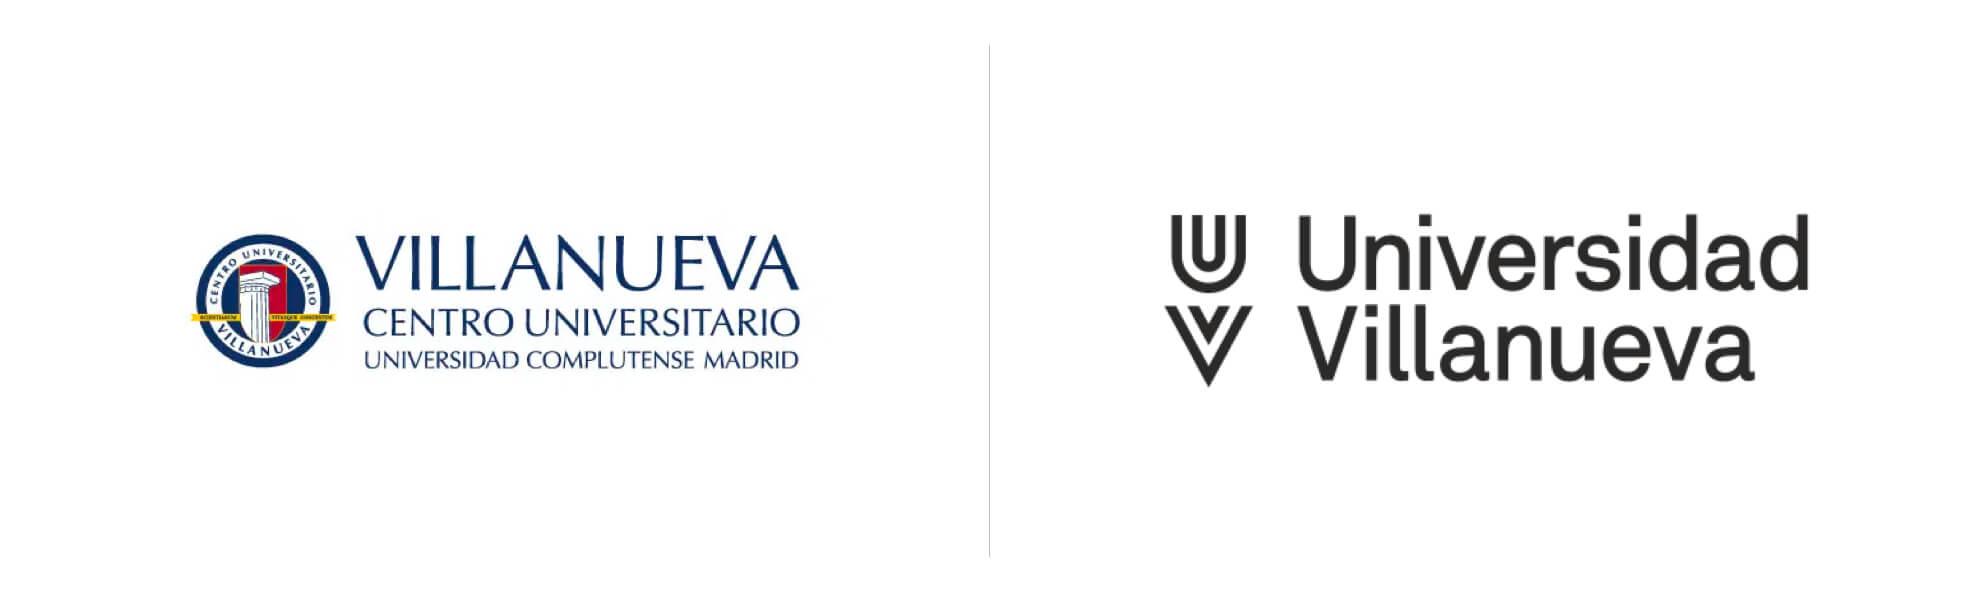 Universidad Villanueva znowym logo